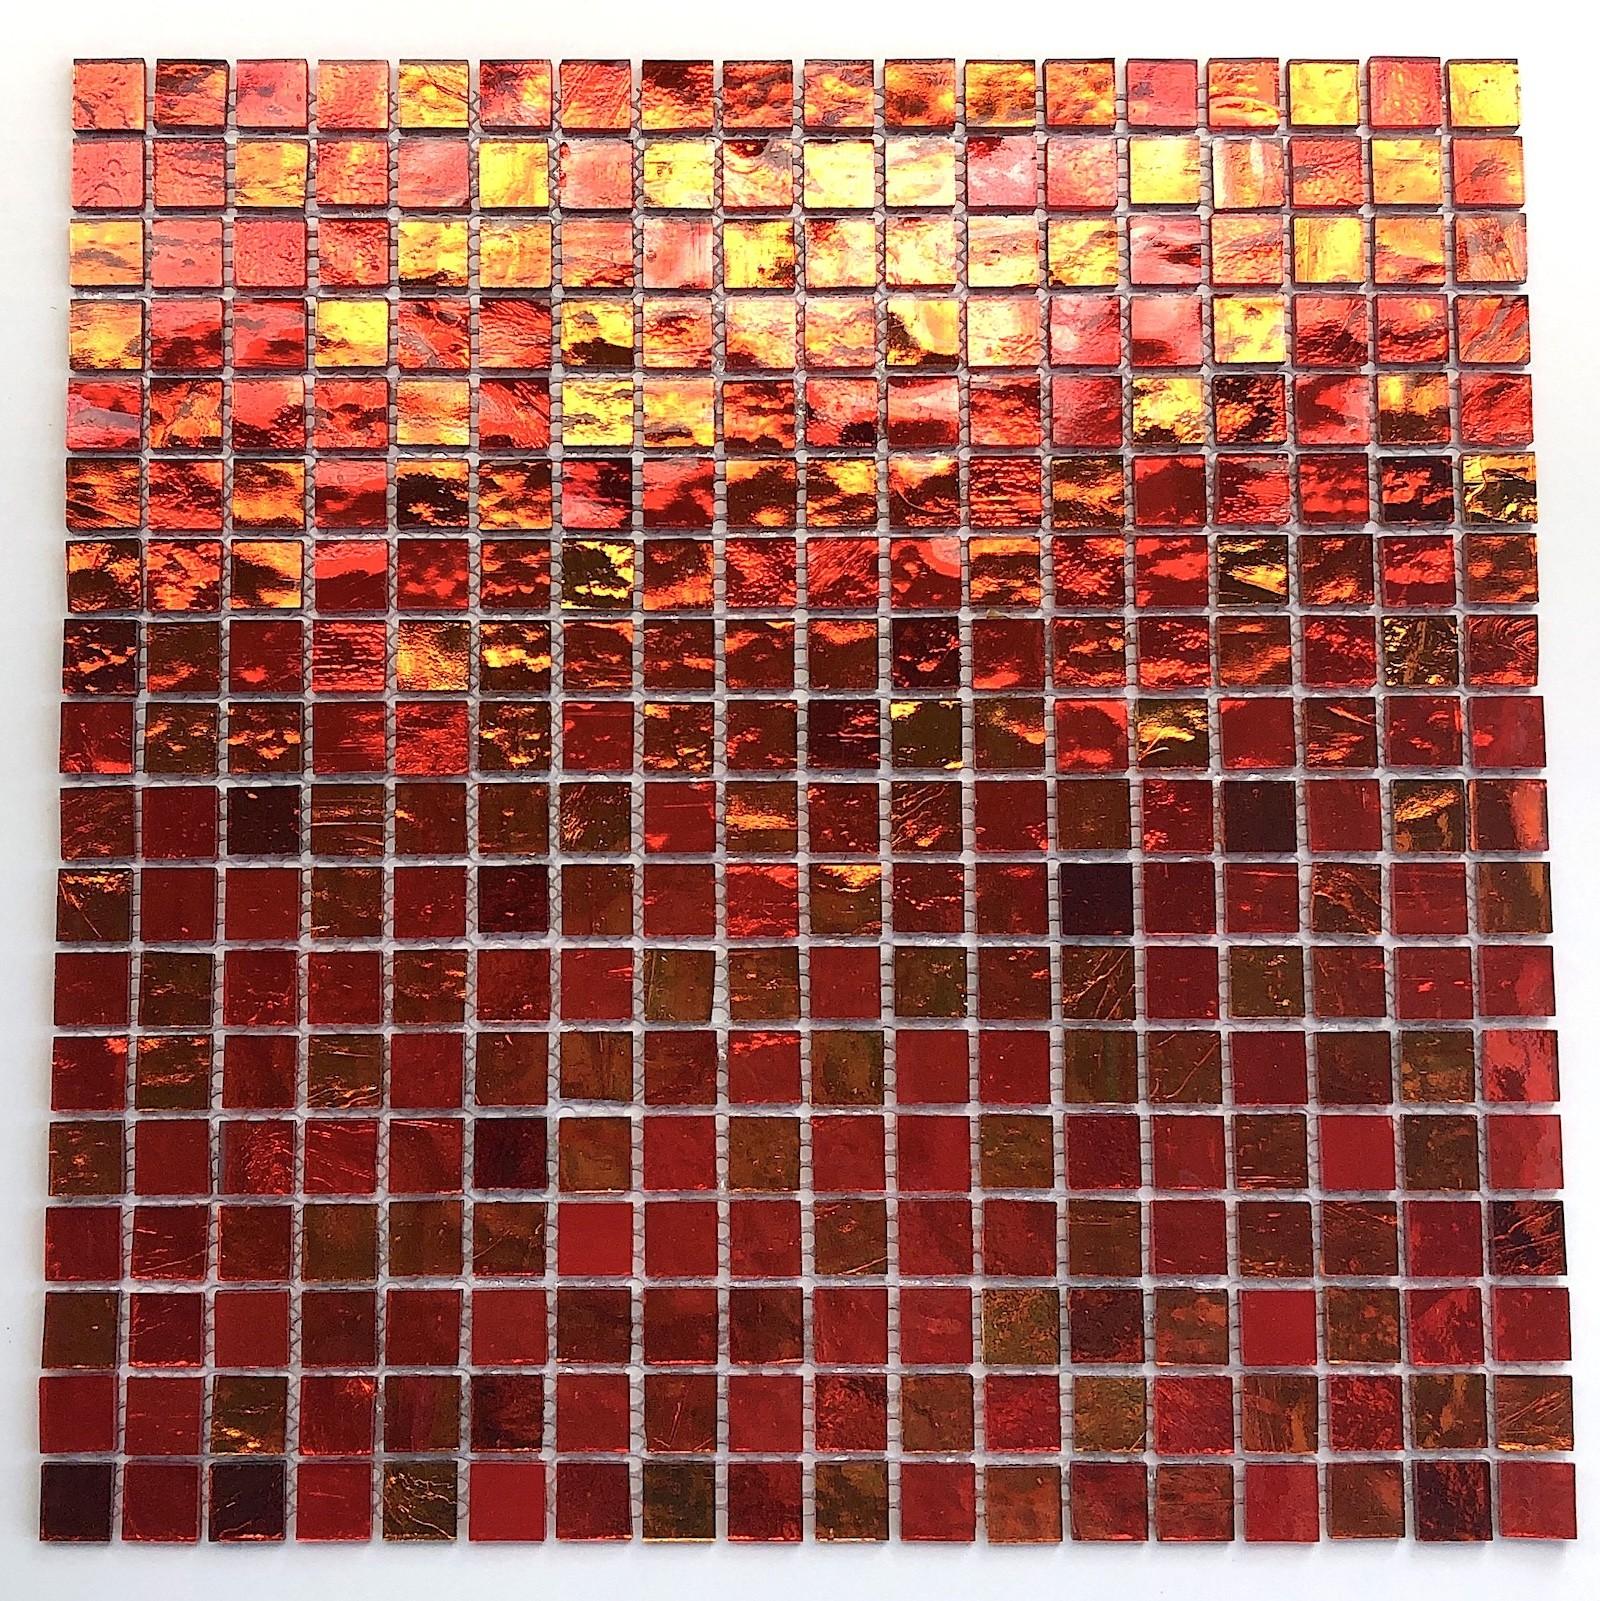 Faience Verre Salle Bain mosaique salle de bains en verre gloss orange - carrelage